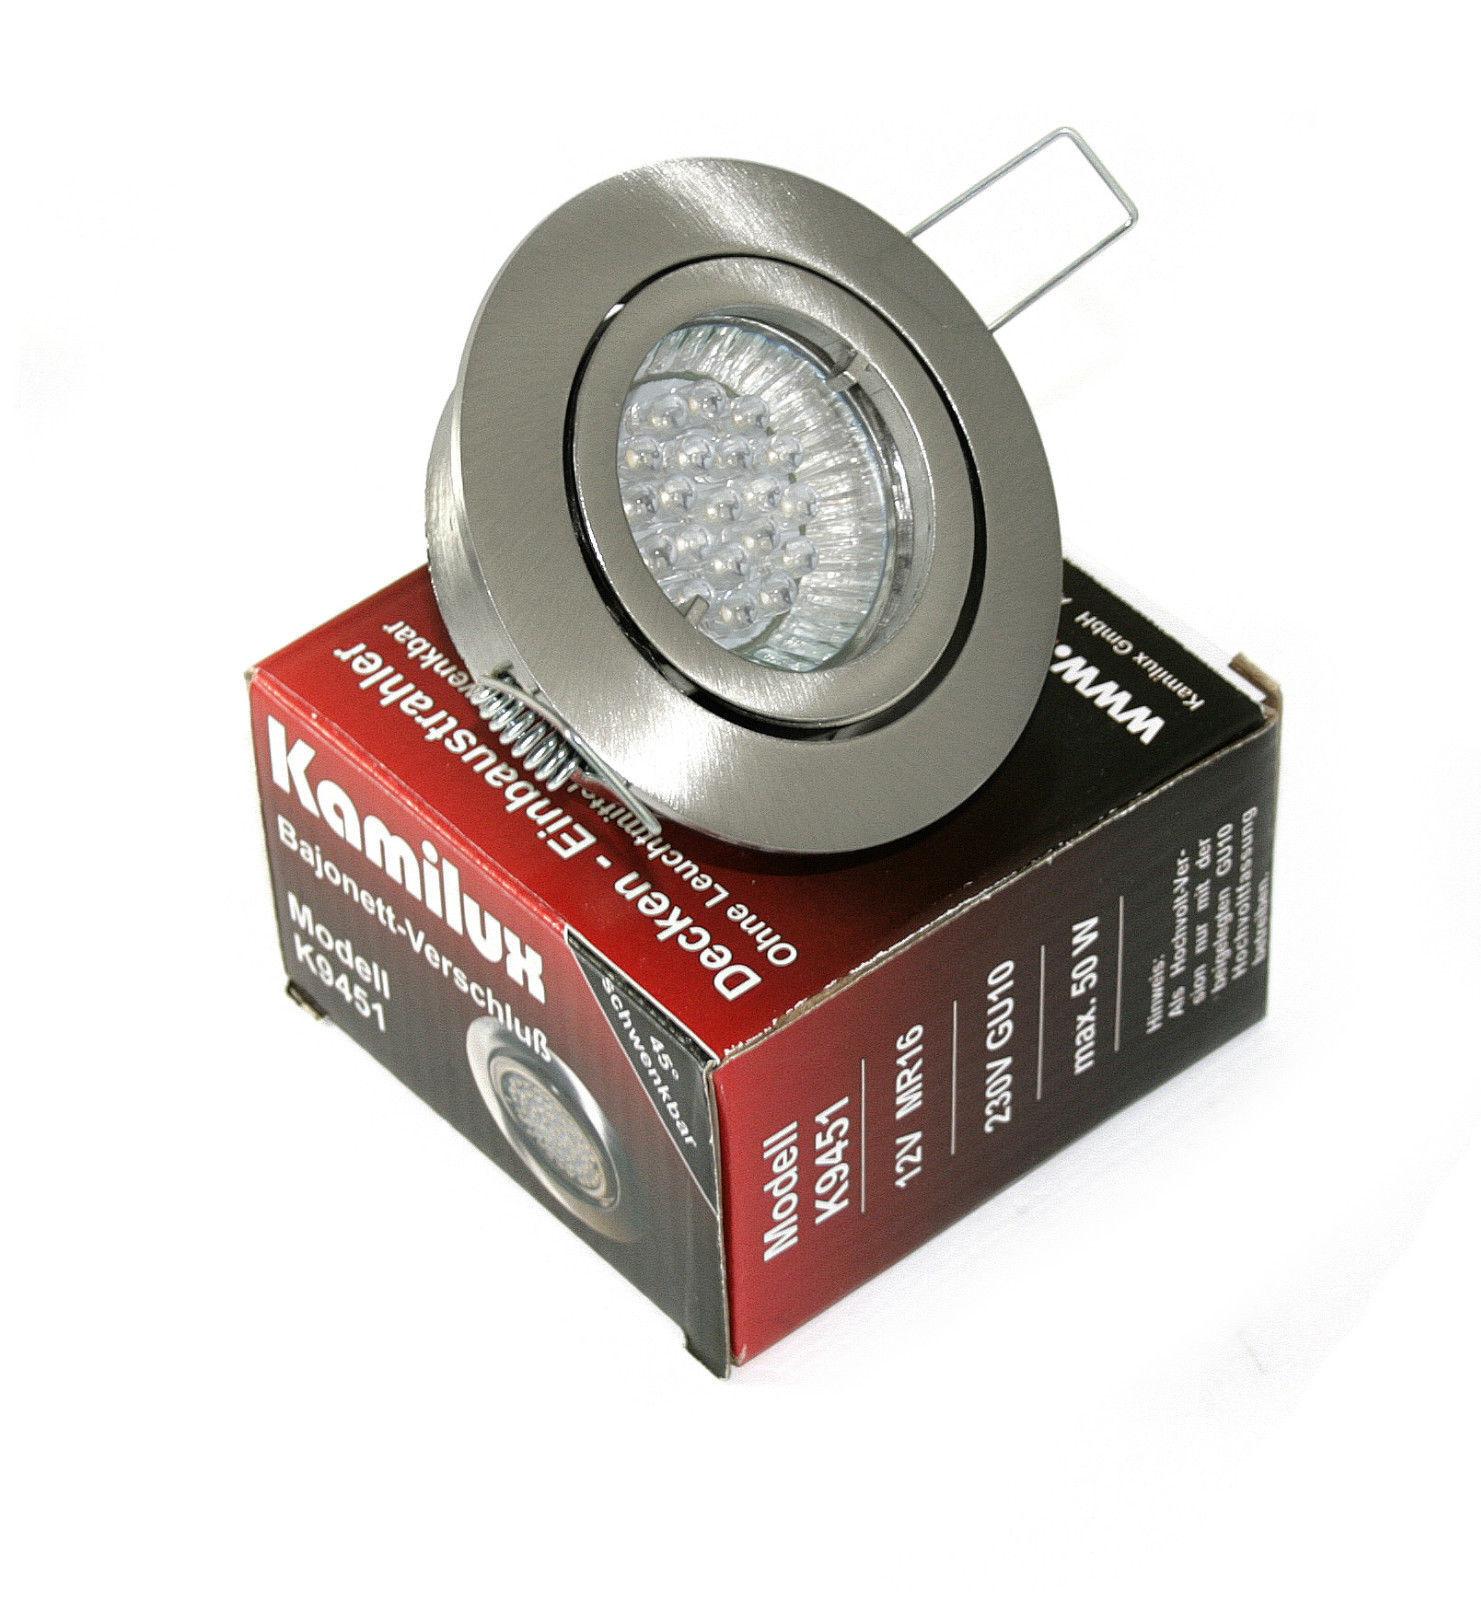 1,5 Watt LED Einbaustrahler Bajo 230V inkl 20er LED Leuchtmittel Downlights Spot